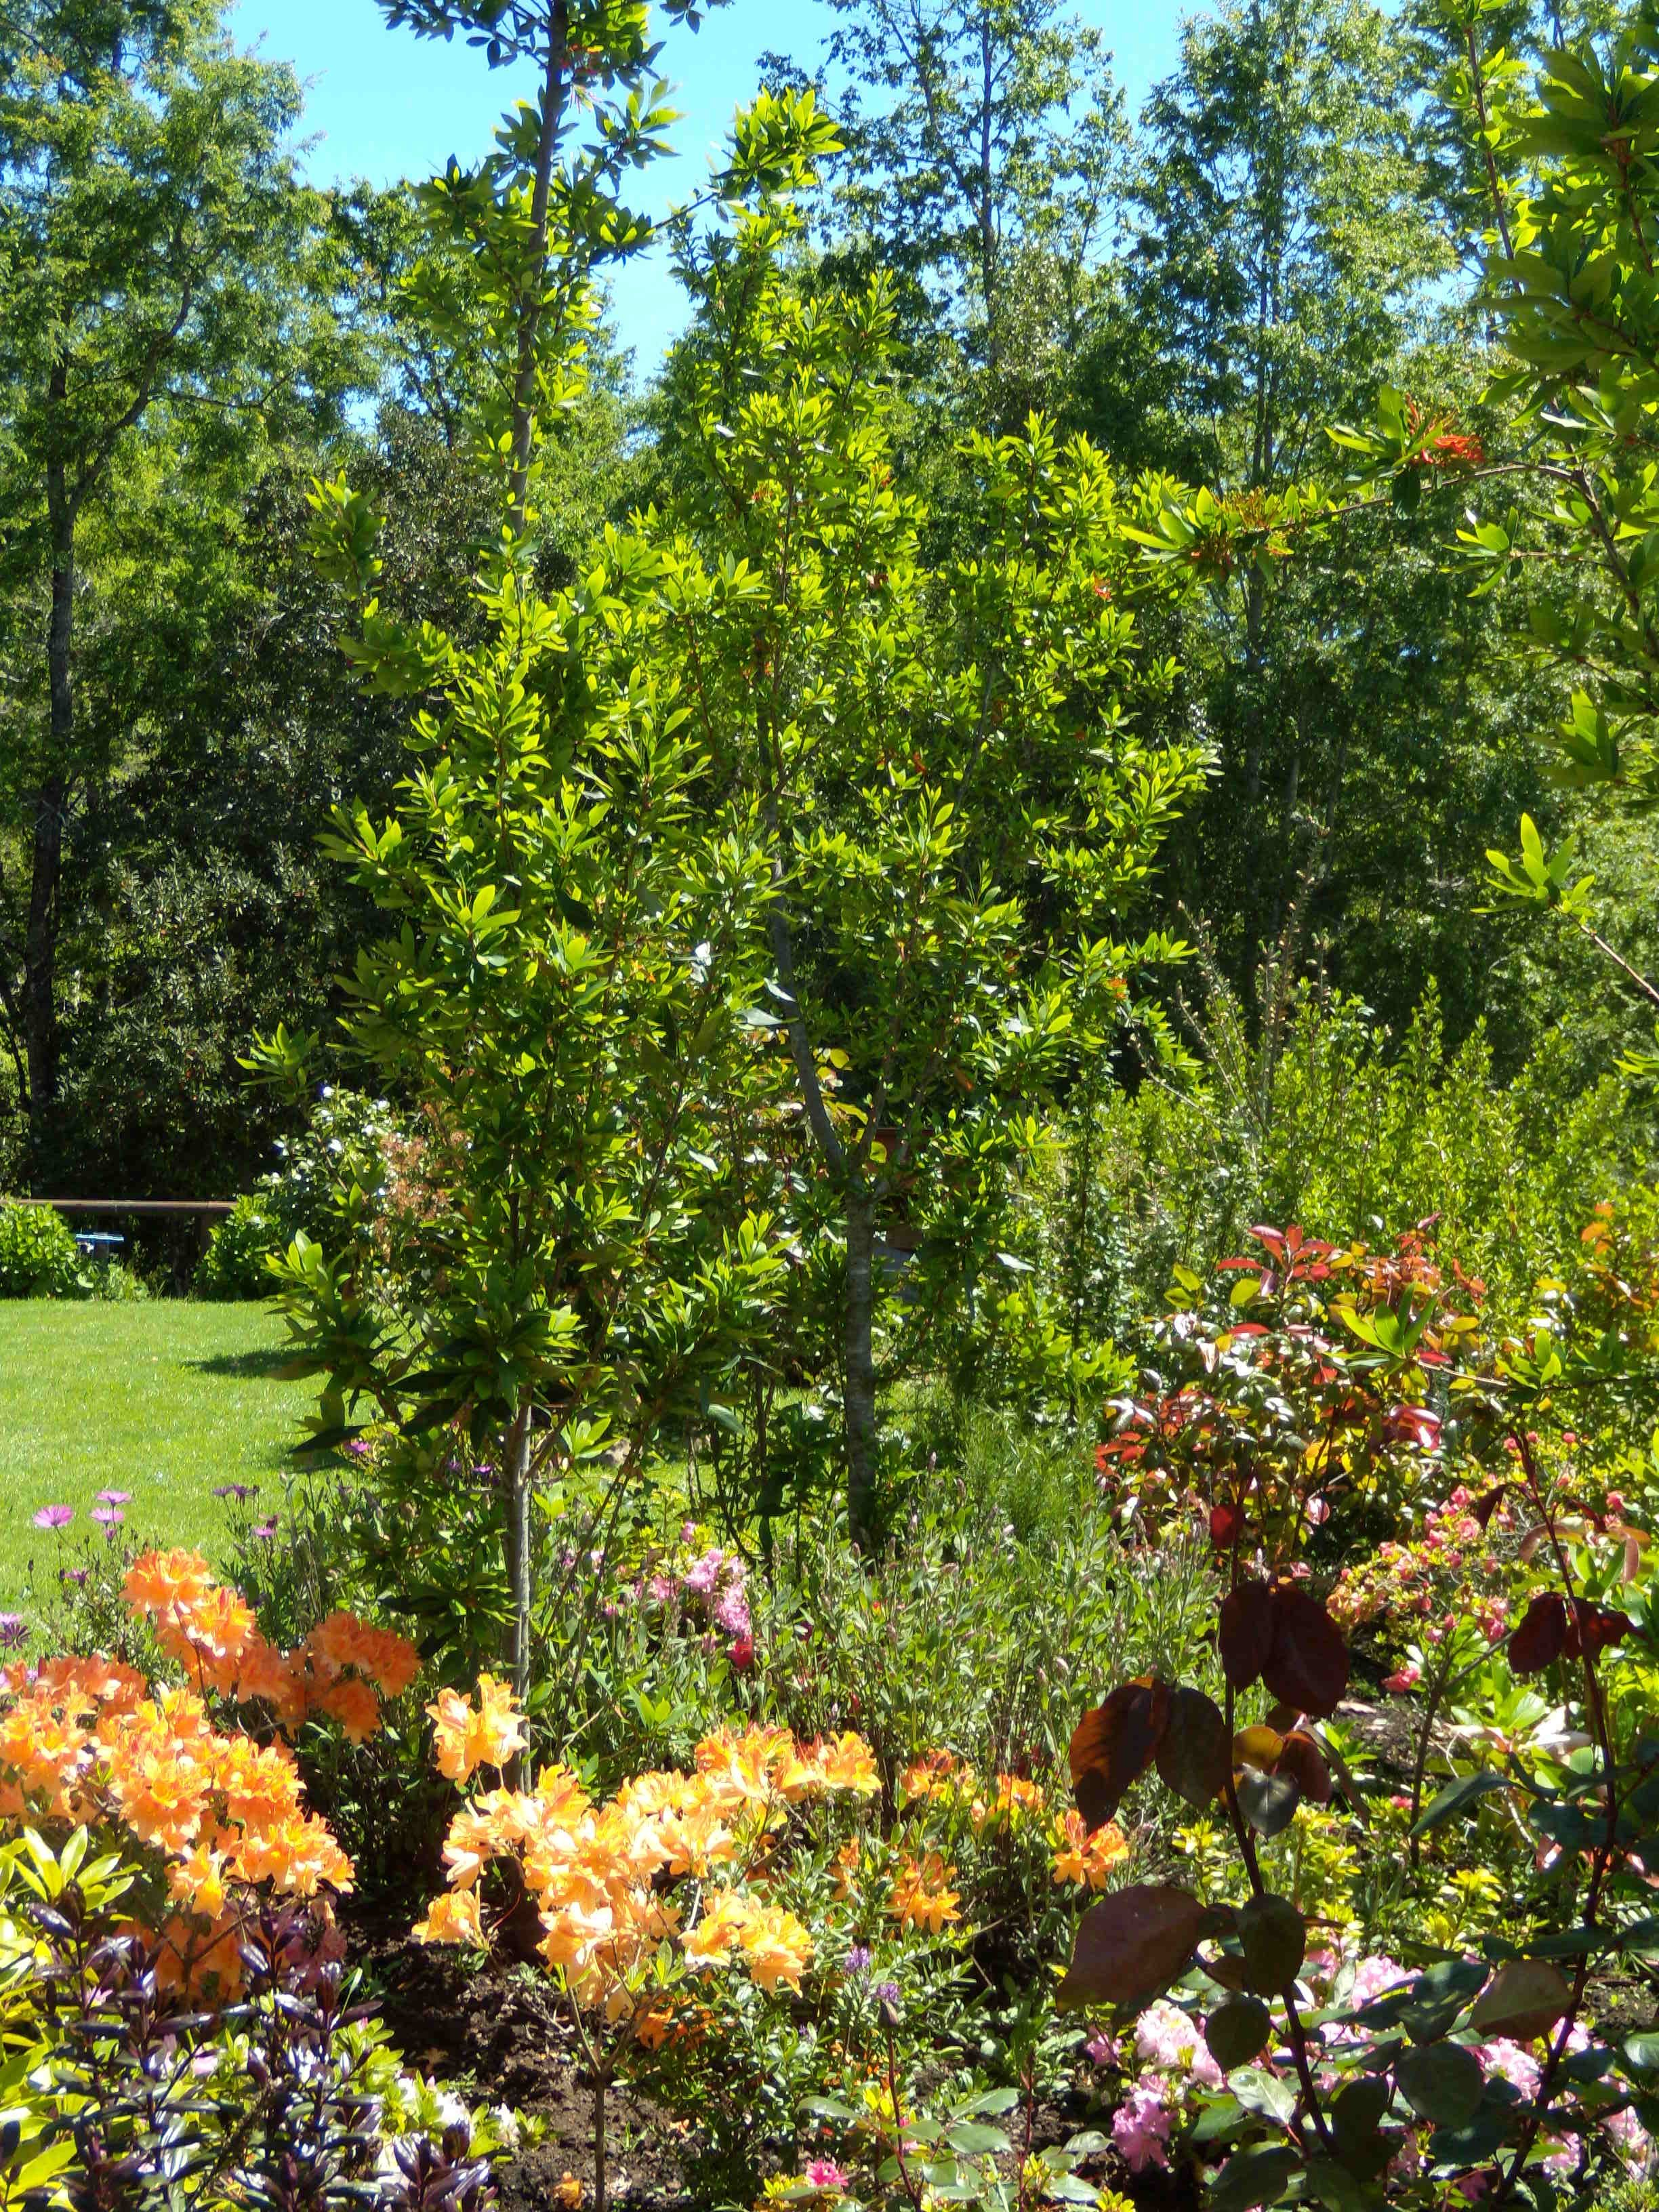 villarrica chile rboles nativos y flores en mi jardn en villarrica u pucn